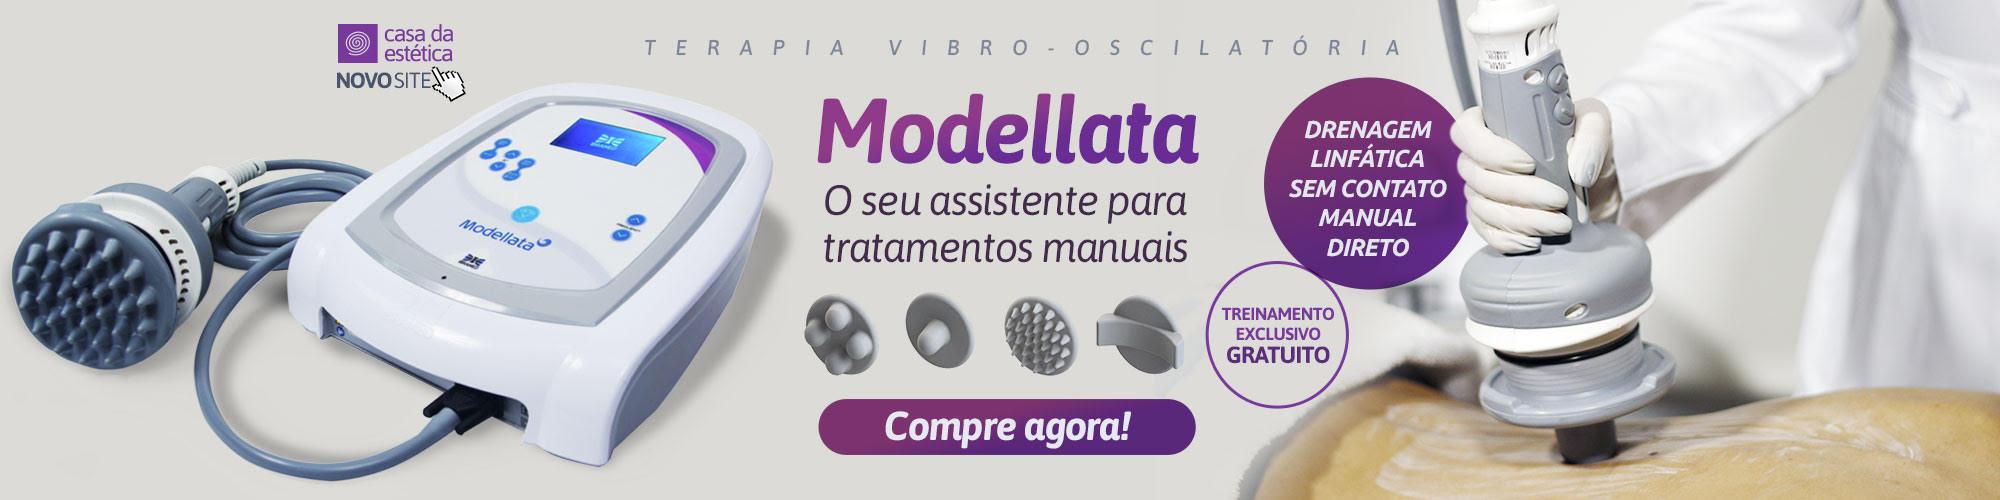 MODELLATA